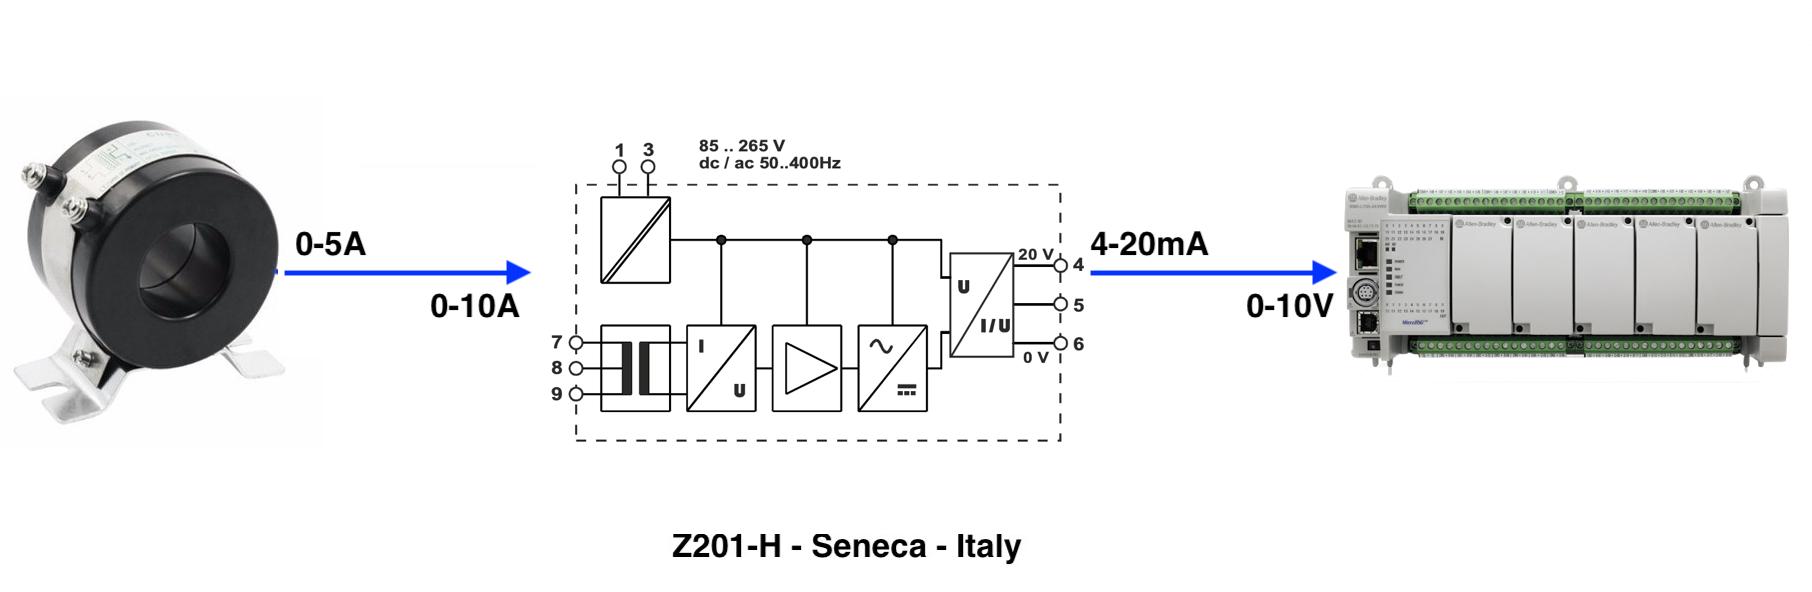 Cách lắp đặt bộ chuyển đổi tín hiệu dòng điện Z201-H